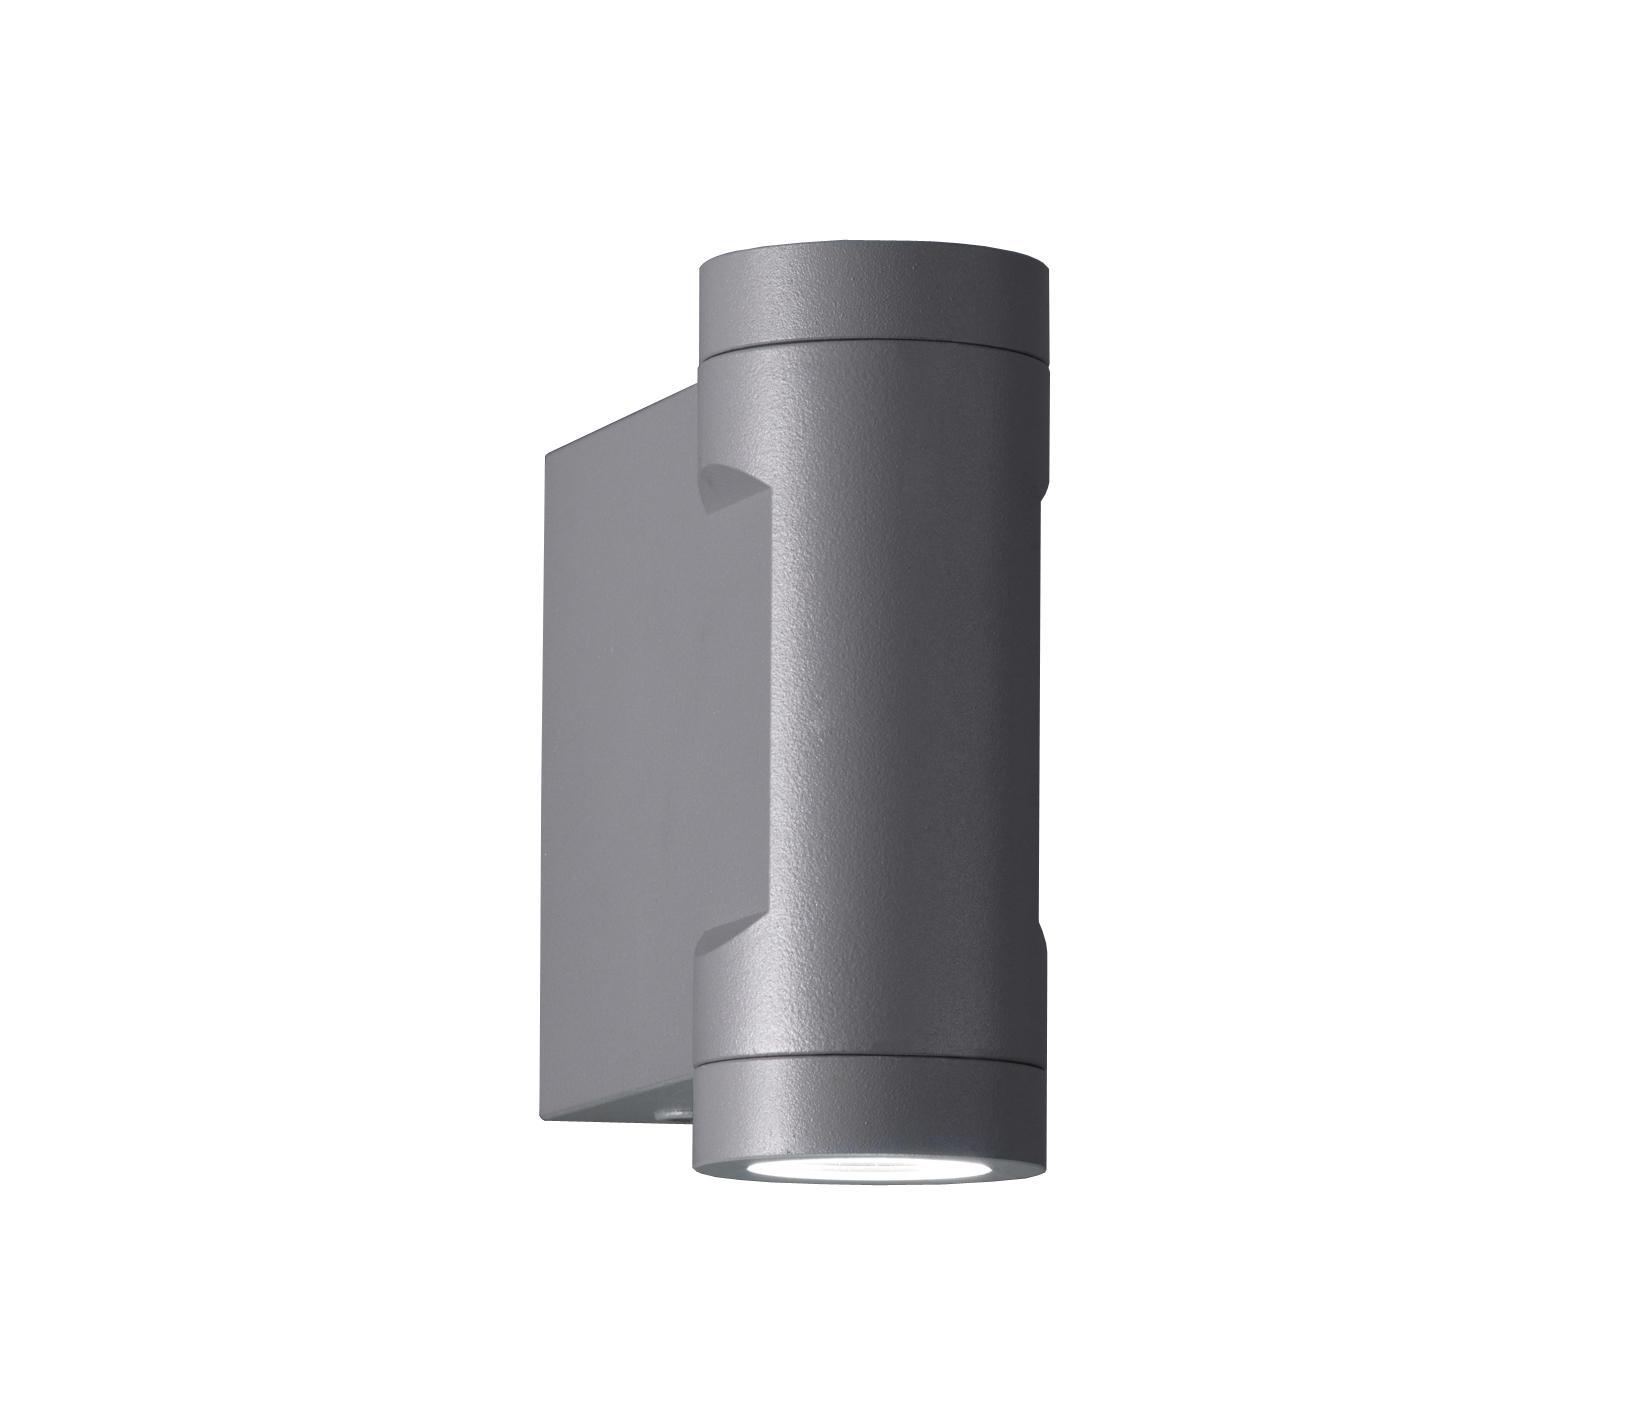 TULA BIDIREZIONALE - Illuminazione facciate Arcluce  Architonic